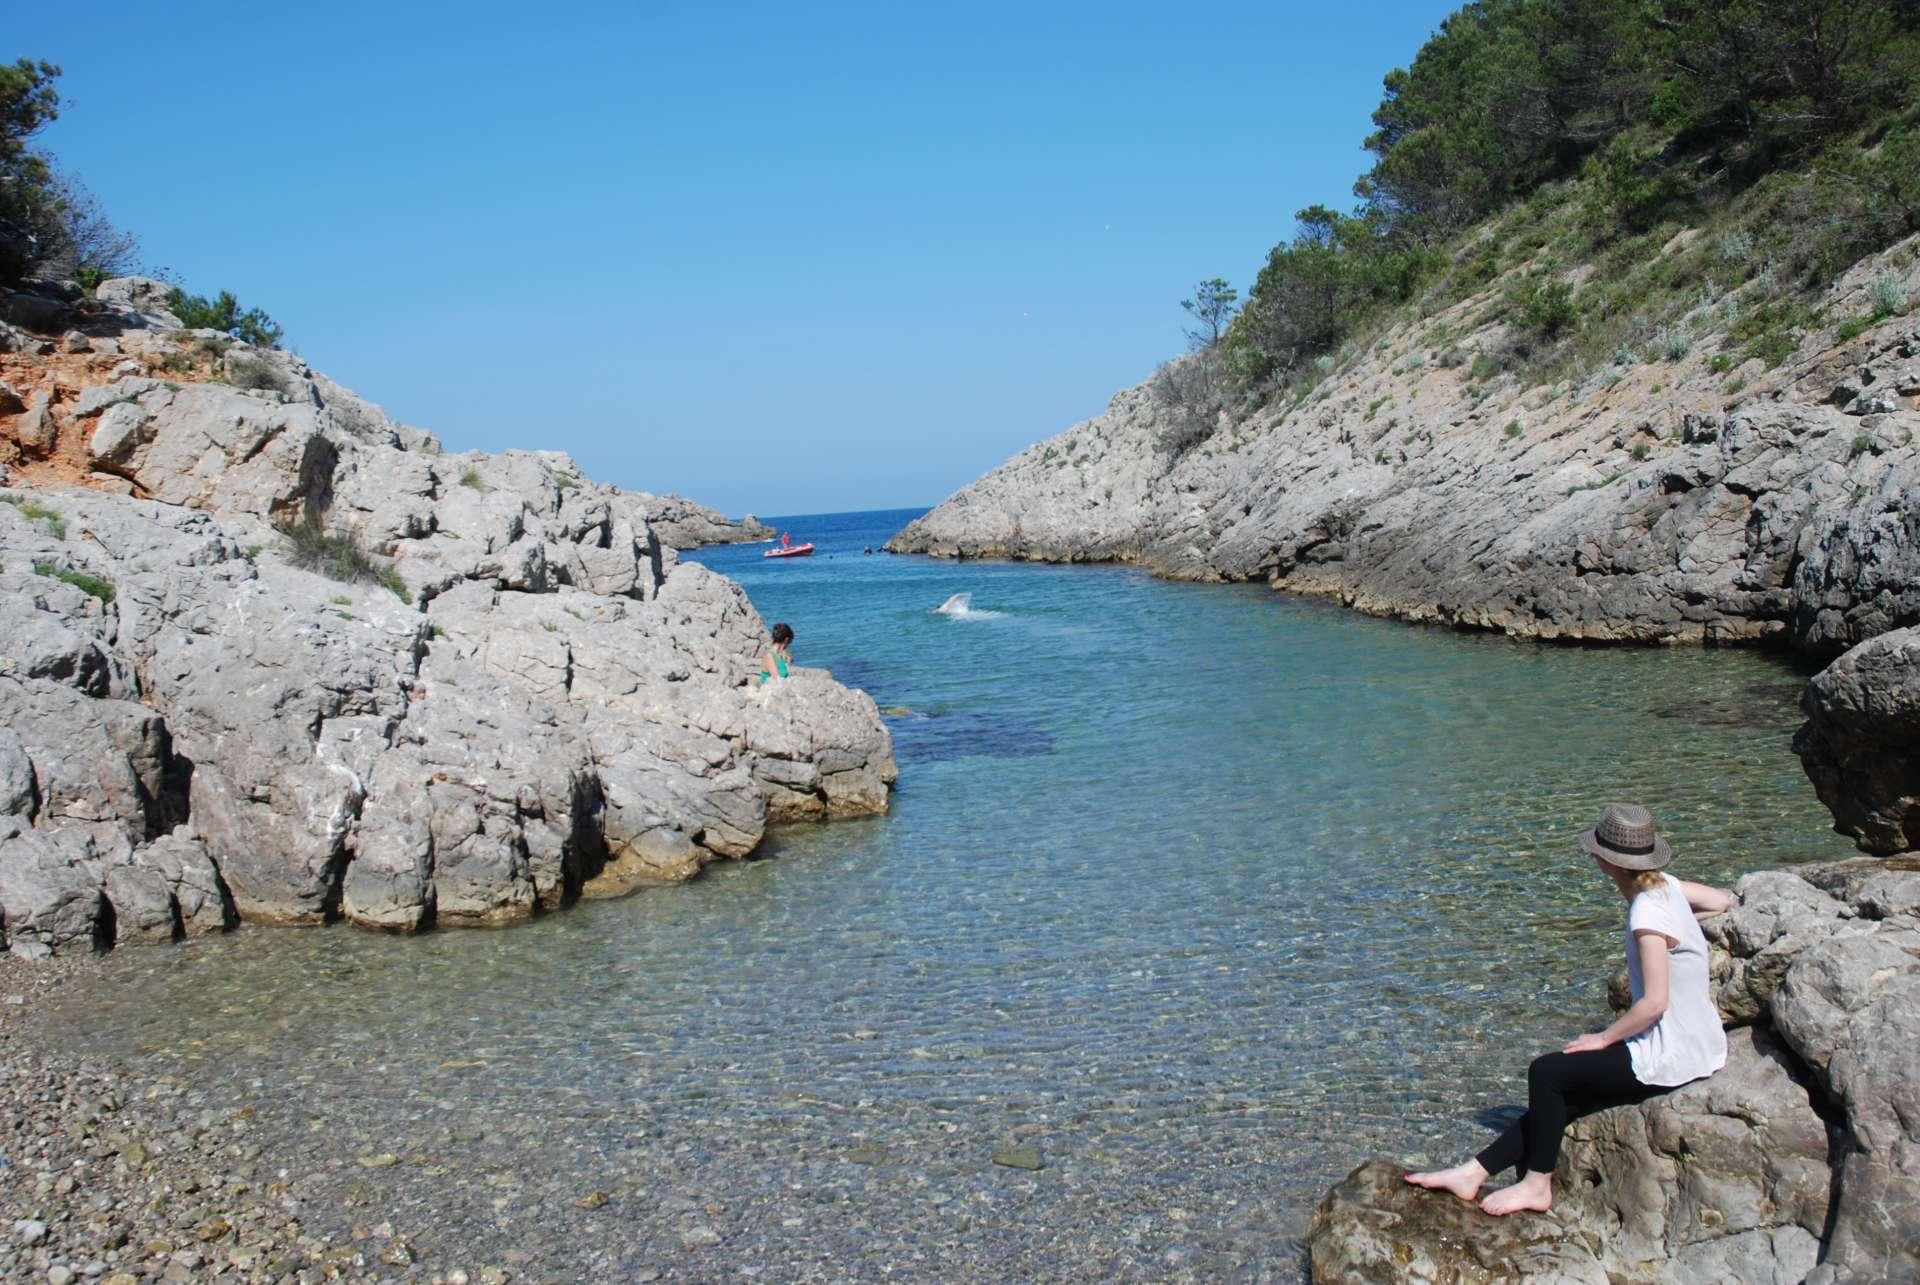 Espagne - Costa Brava - Crique catalane